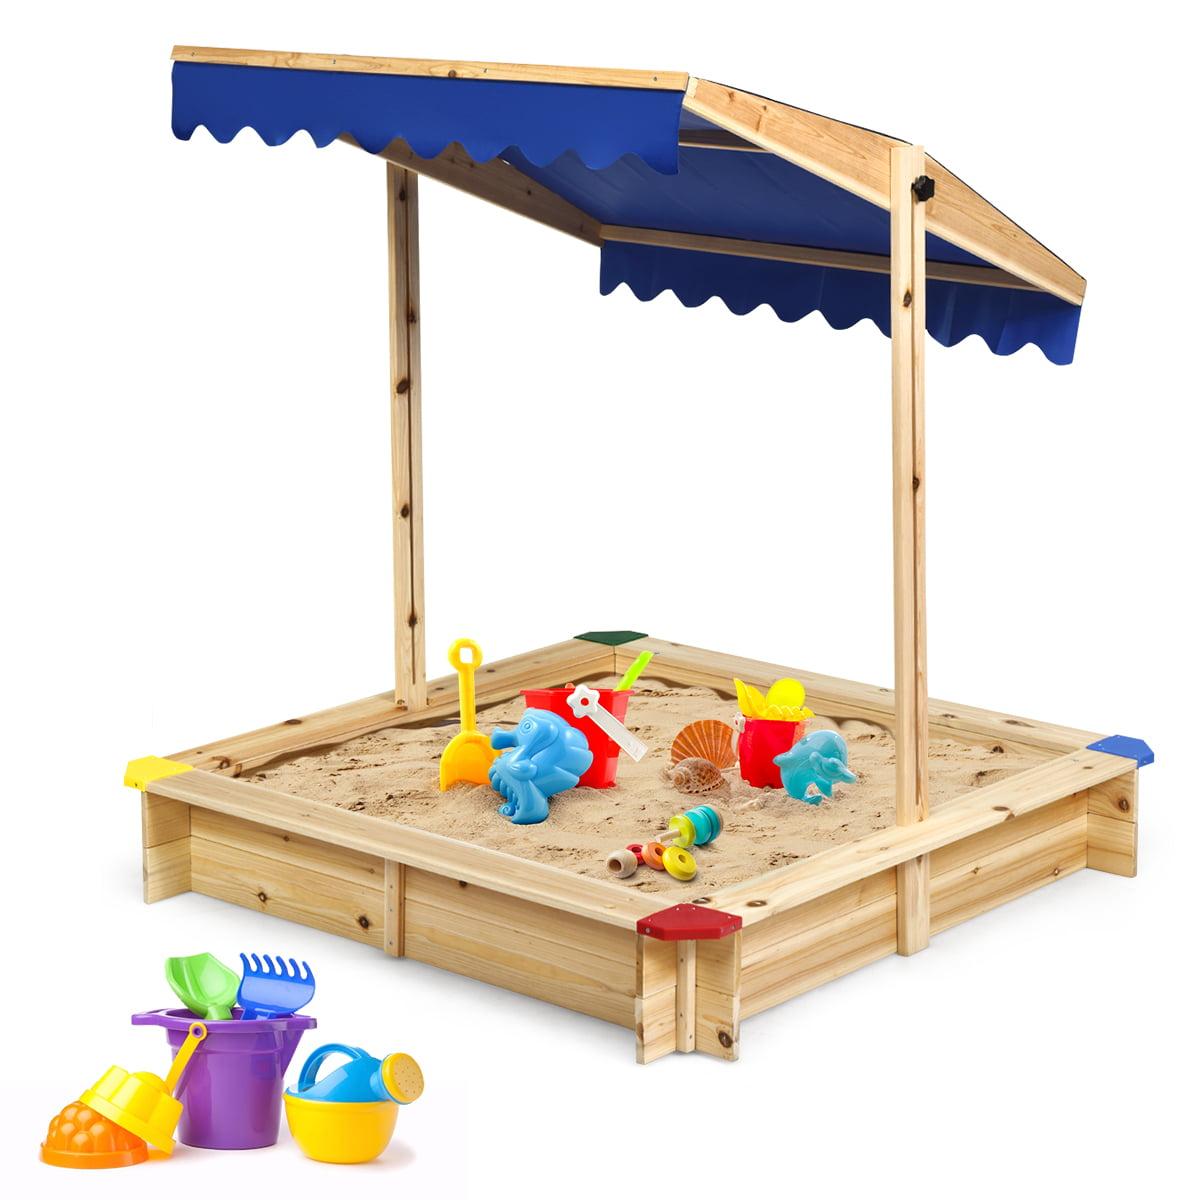 Costway Kids Wooden Sandbox Children Outdoor Playset w ...